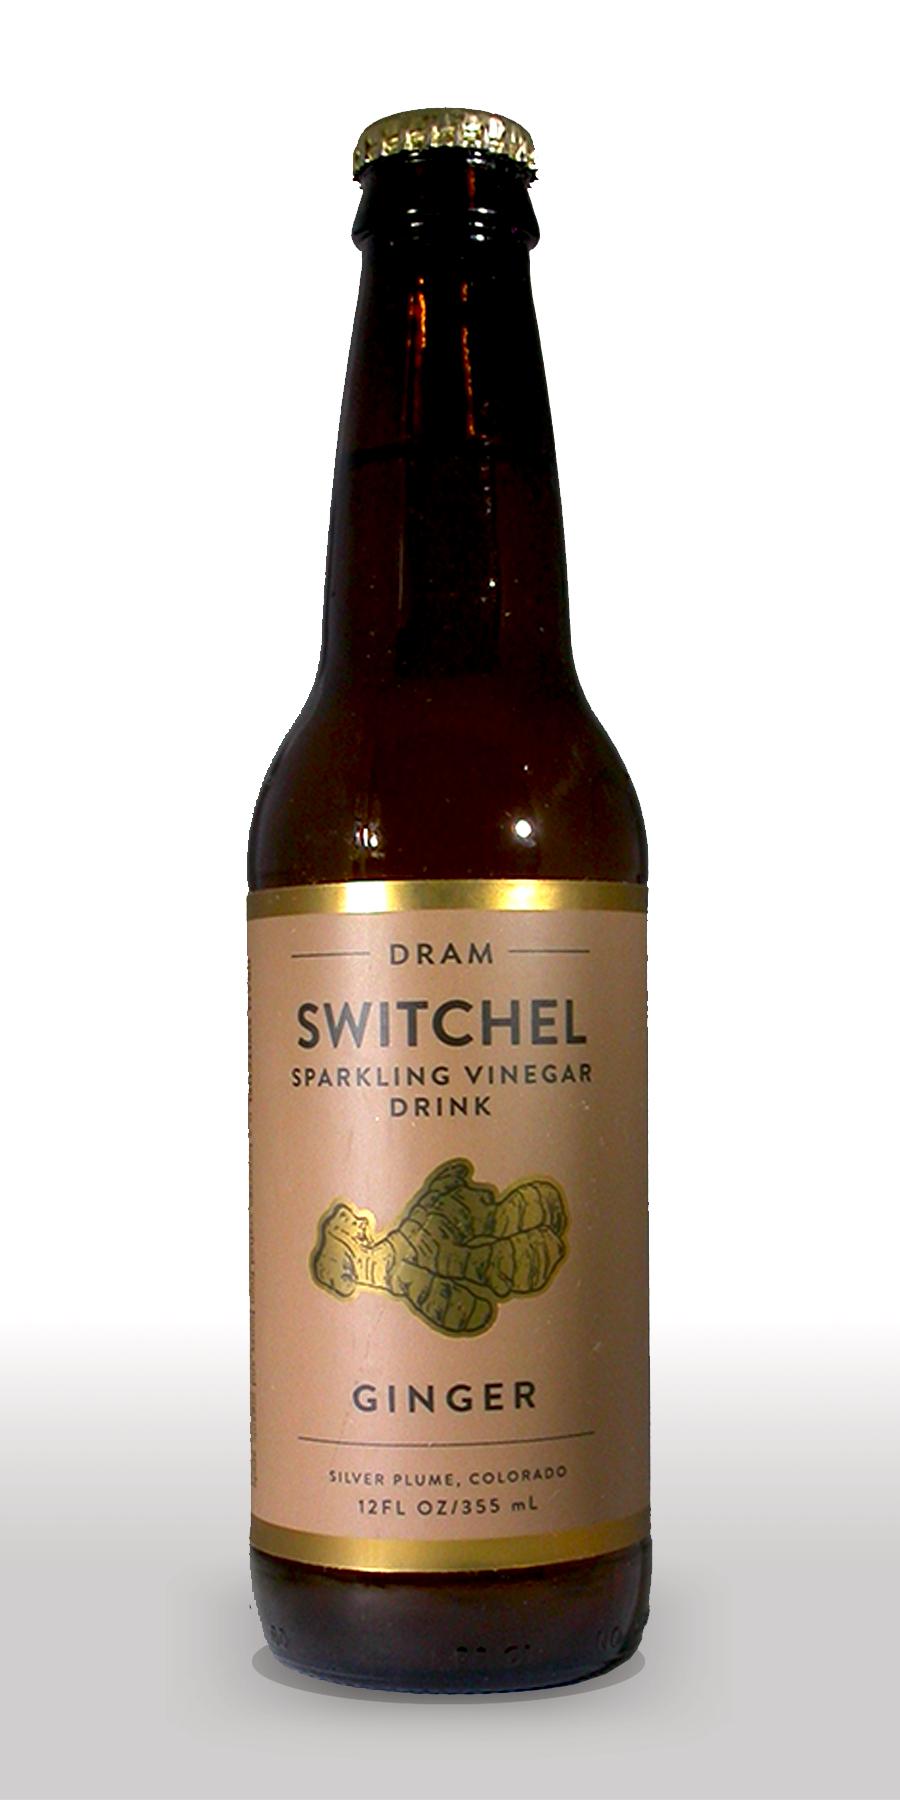 RB-Dram-switchel-sparkling vinegardrink-ginger.png